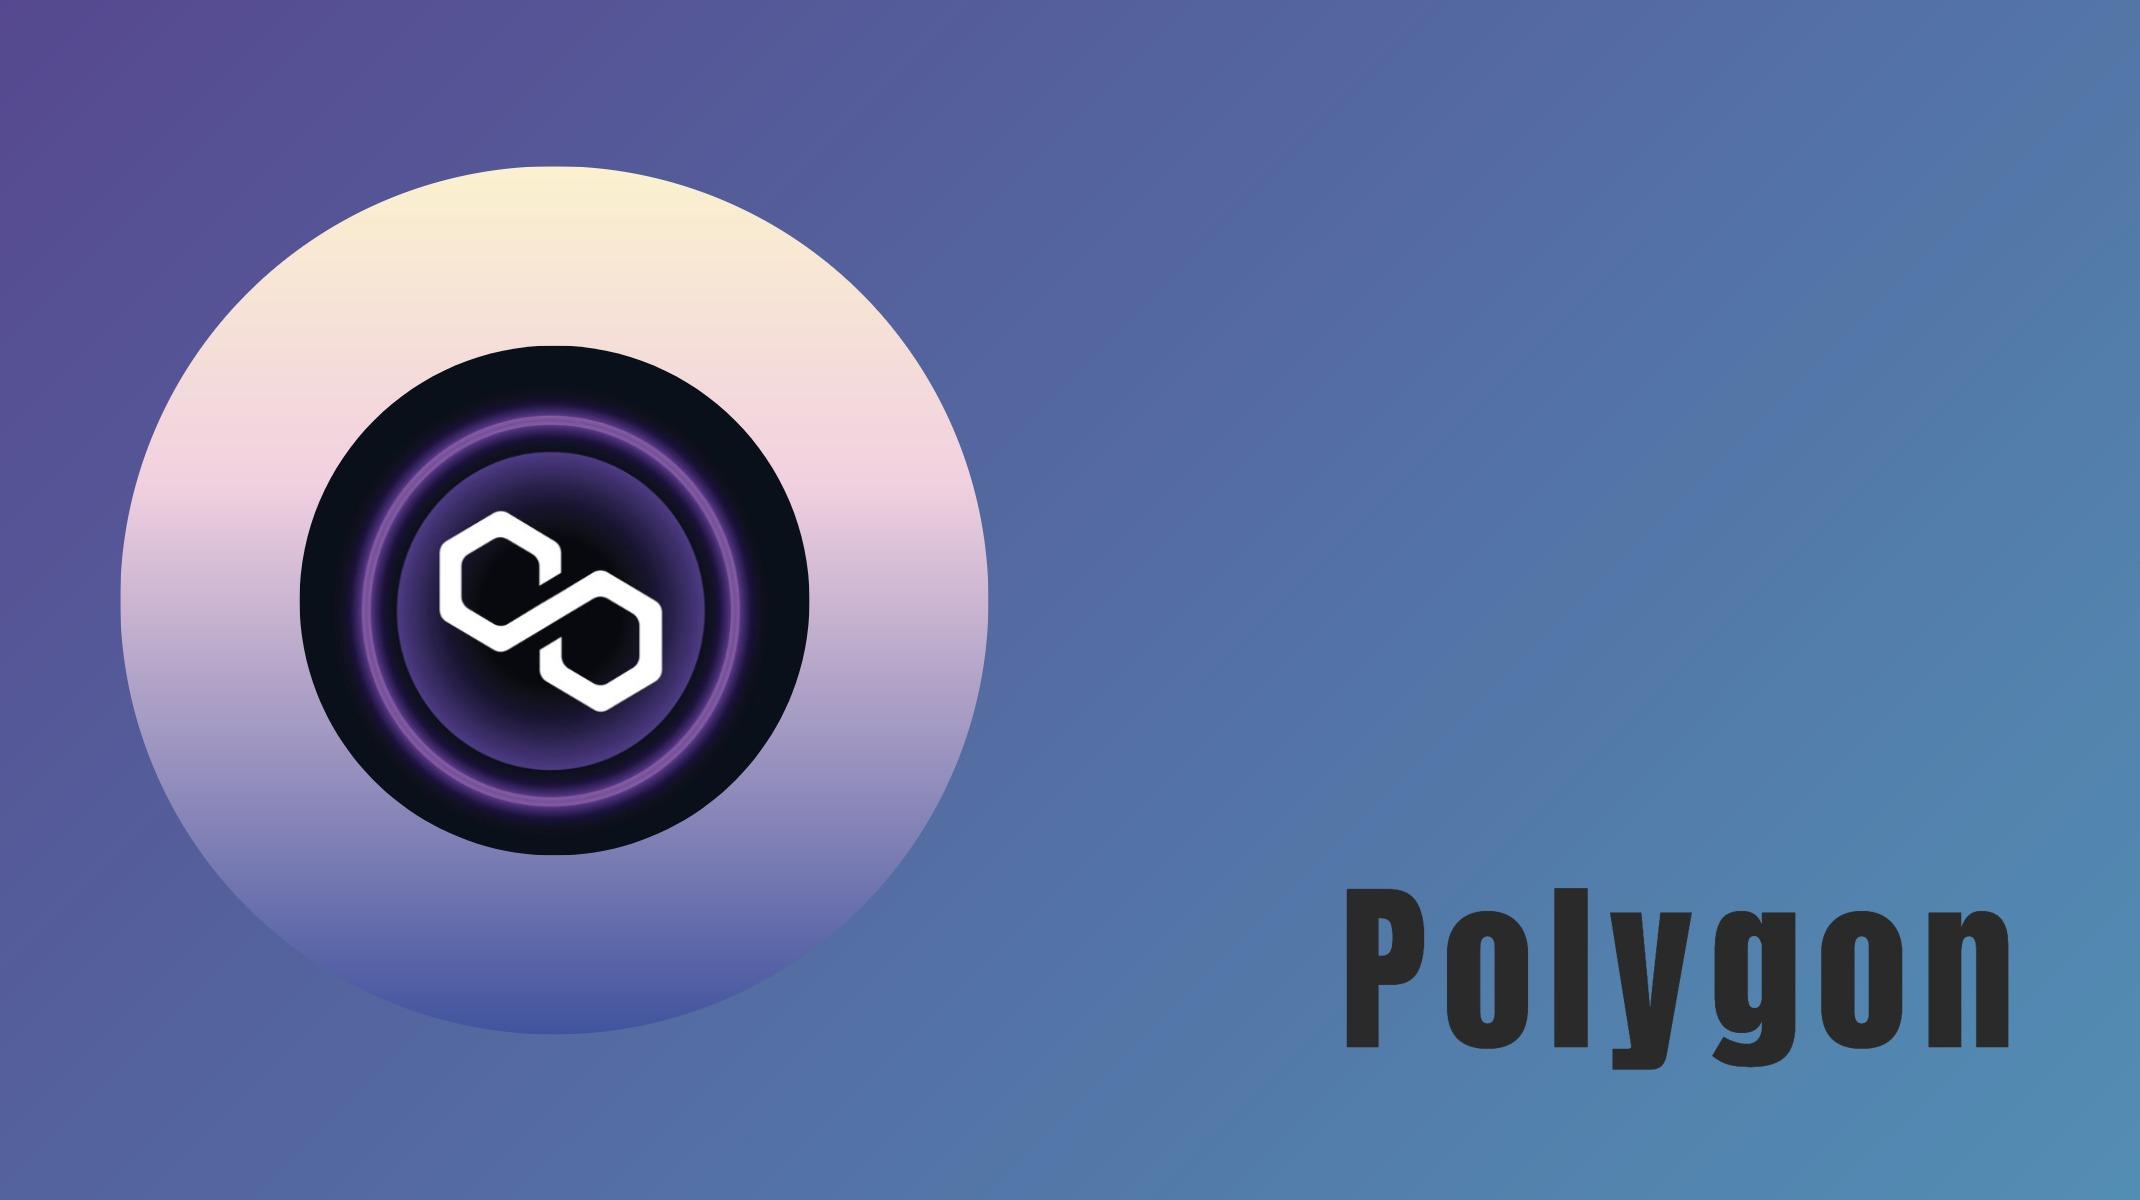 Polygon(旧Matic Network)の使い方を解説!Metamaskでの設定からステーキングまで